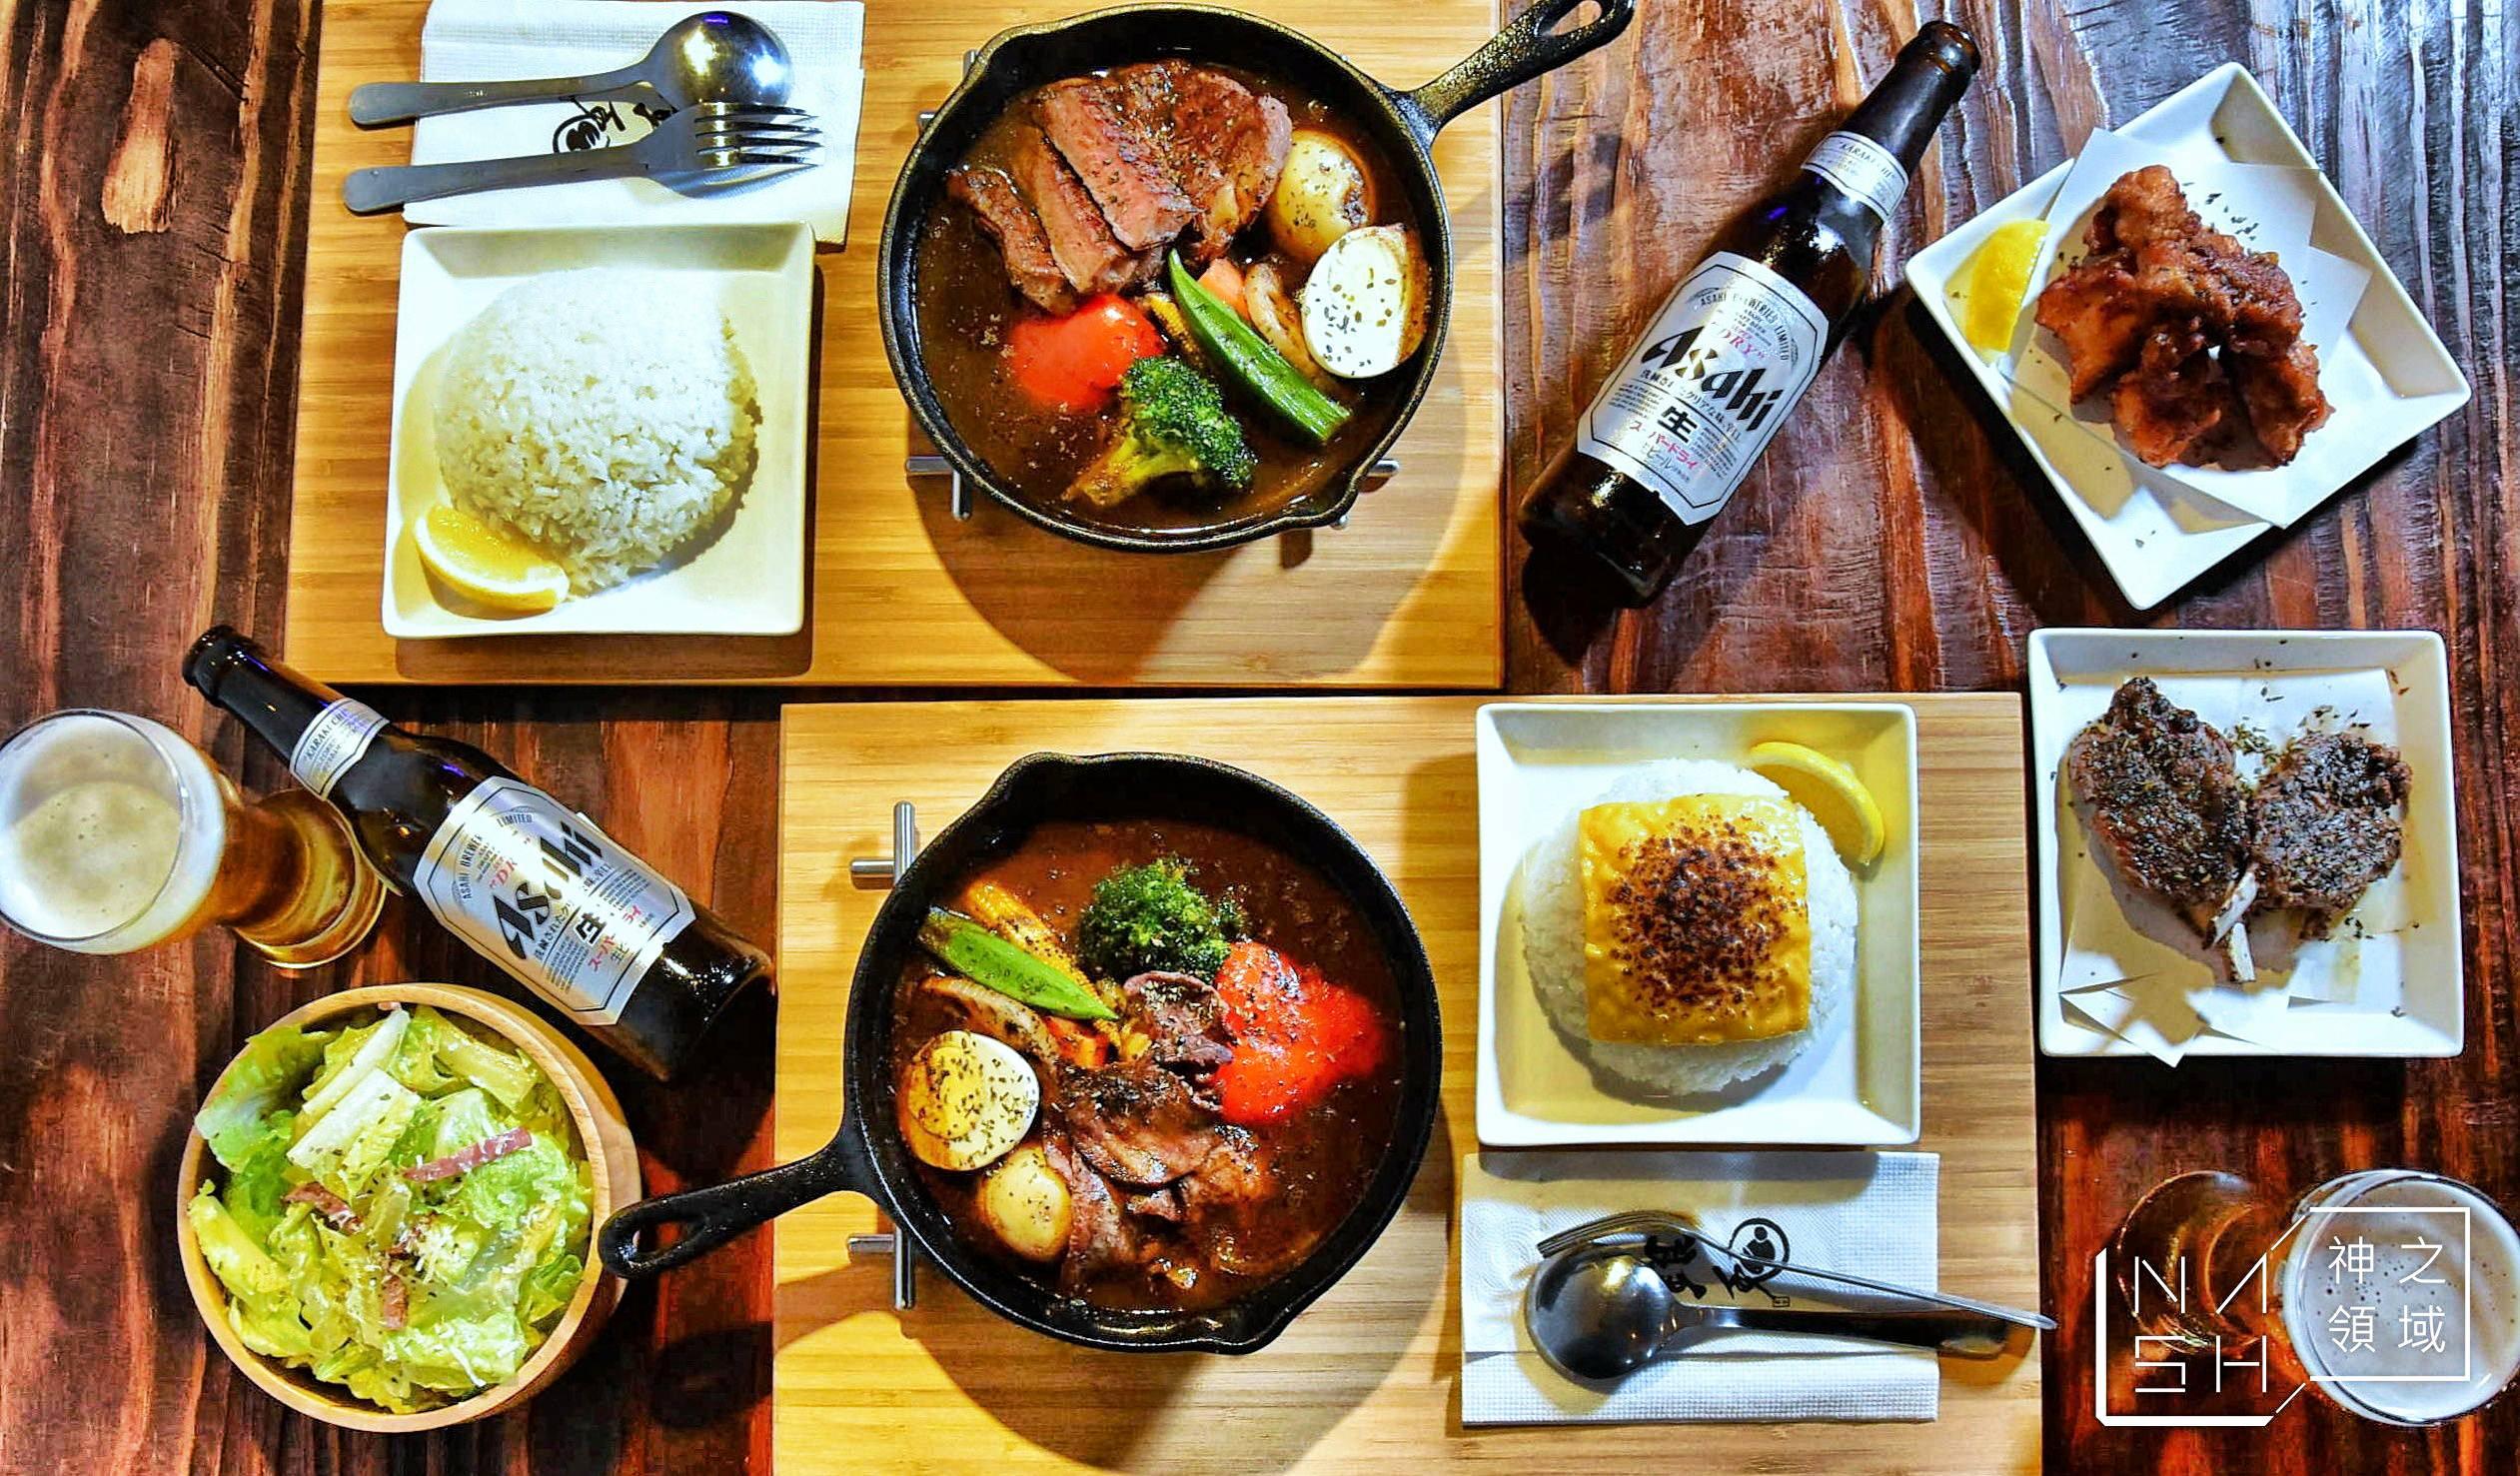 銀兔湯咖哩,信義安和美食,信義安和咖哩,北海道湯咖哩推薦,台北咖哩推薦 @Nash,神之領域